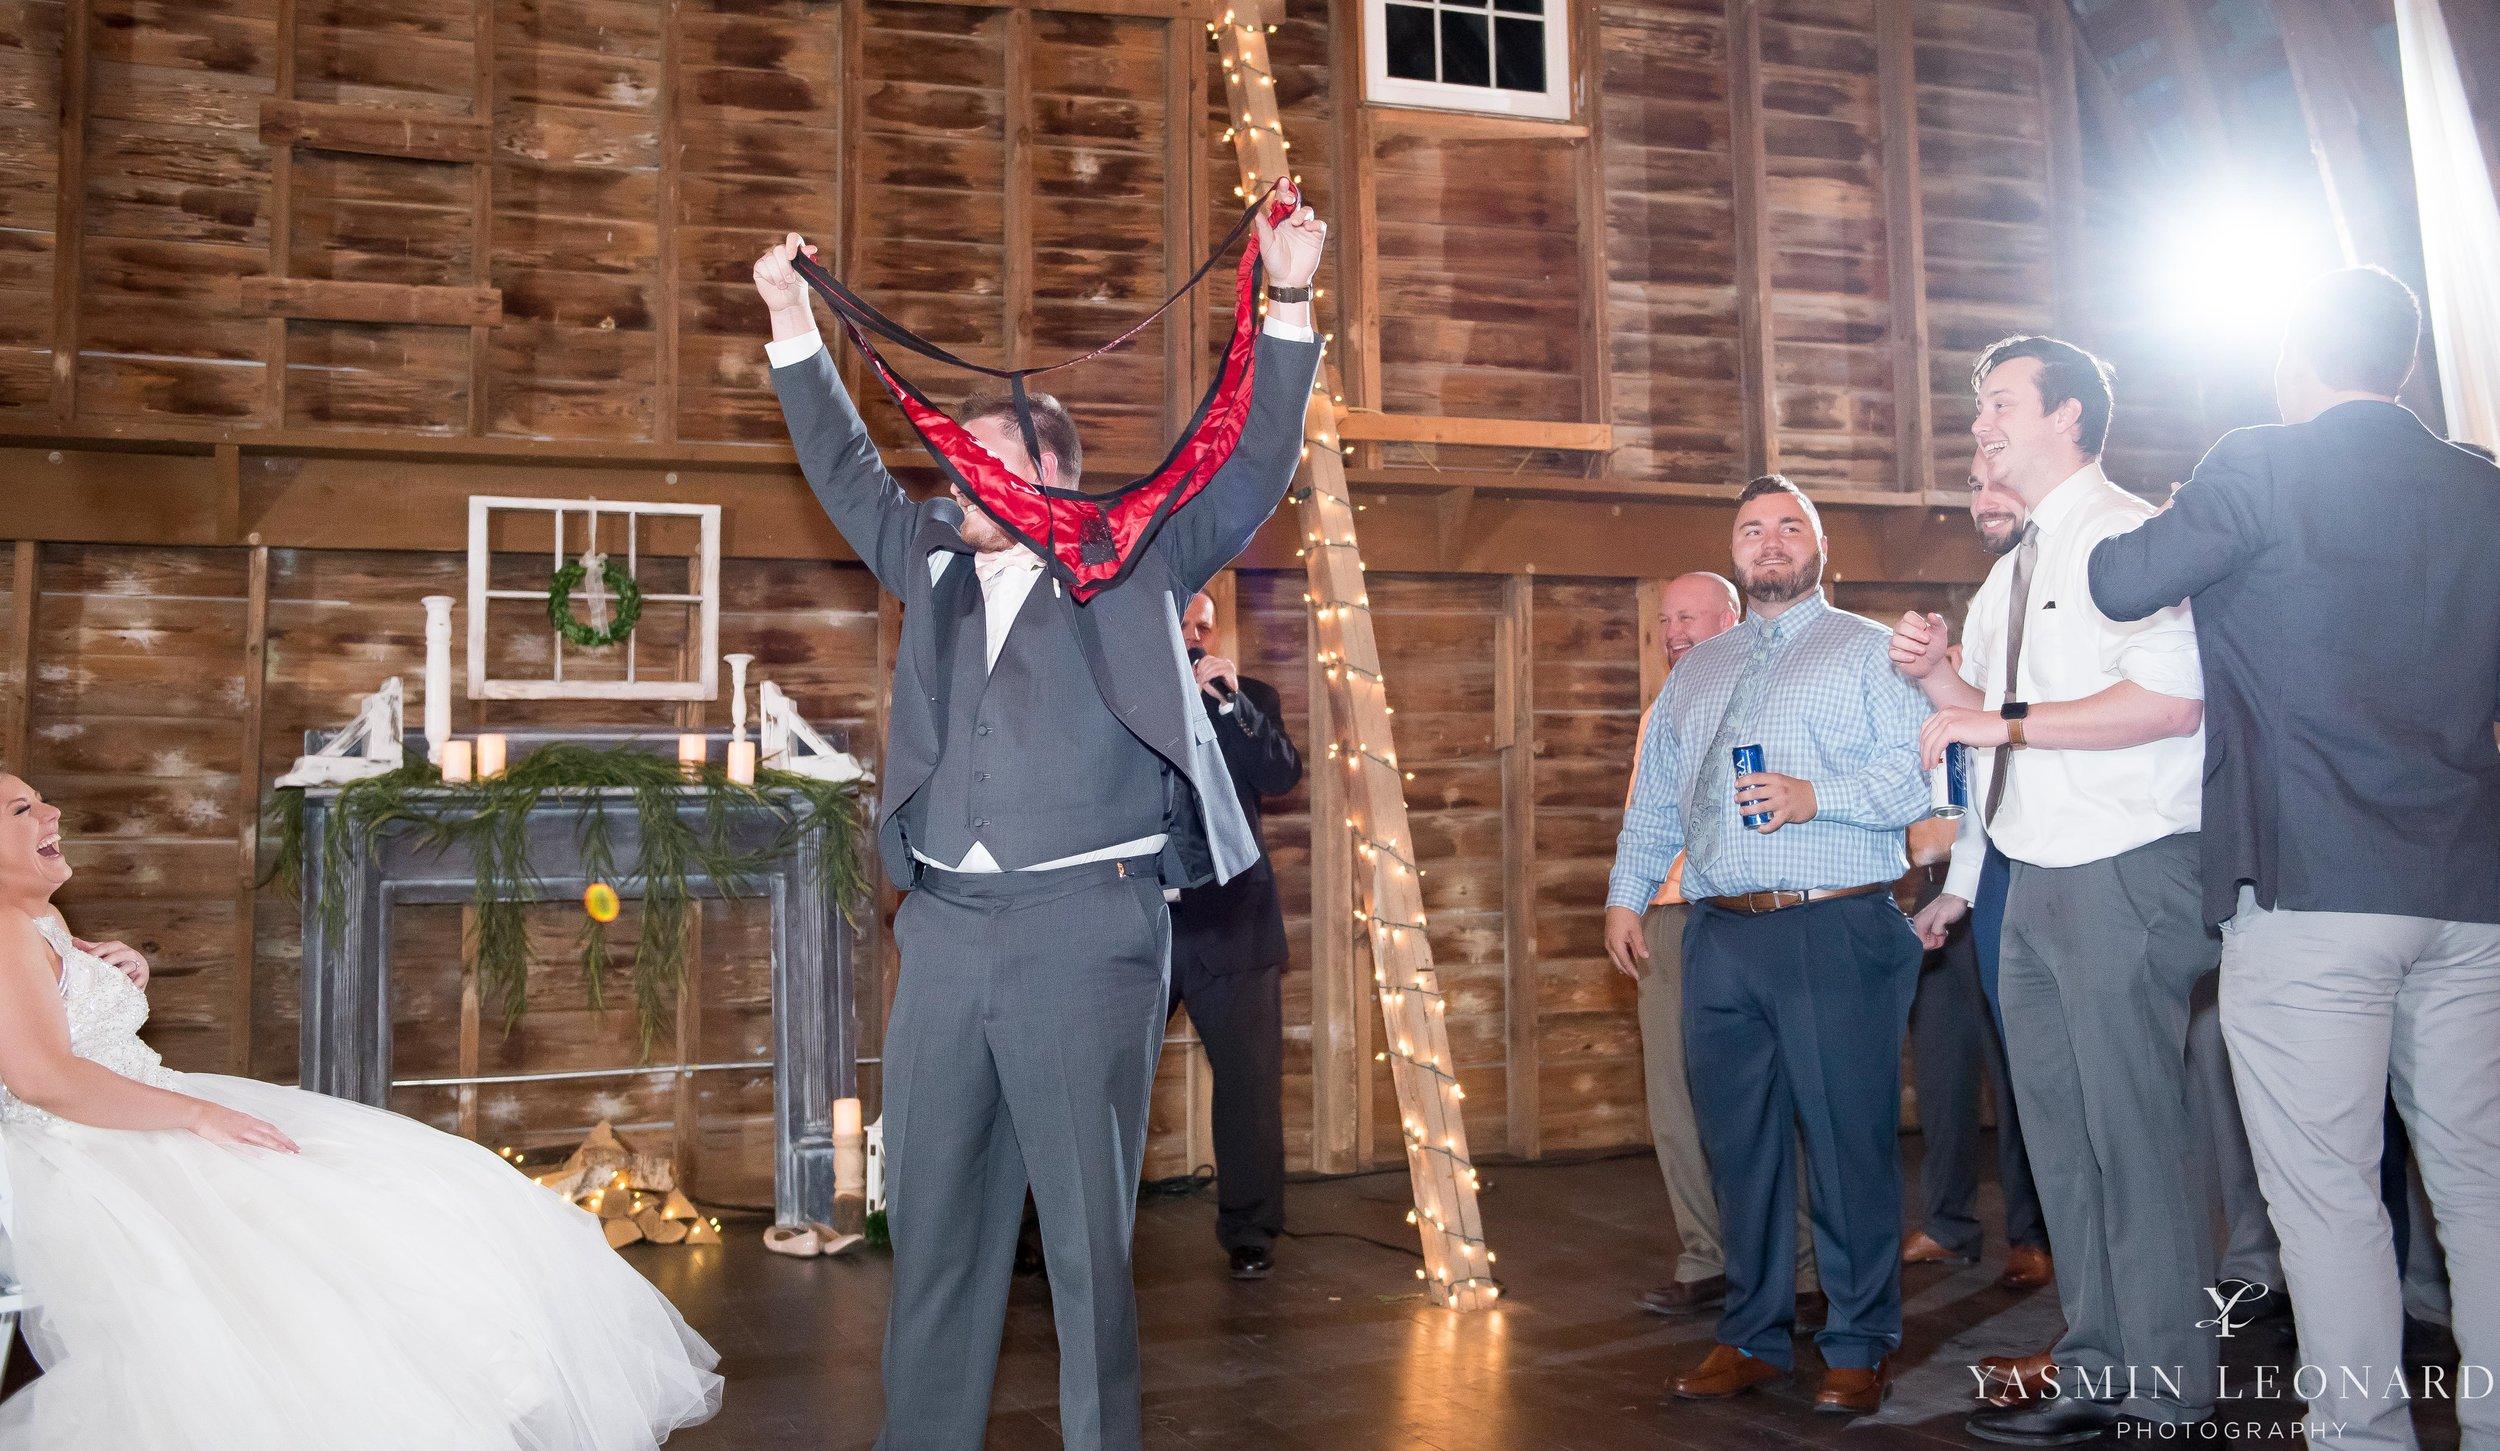 Millikan Farms - Millikan Farms Wedding - Sophia NC Wedding - NC Wedding - NC Wedding Photographer - Yasmin Leonard Photography - High Point Photographer - Barn Wedding - Wedding Venues in NC - Triad Wedding Photographer-86.jpg